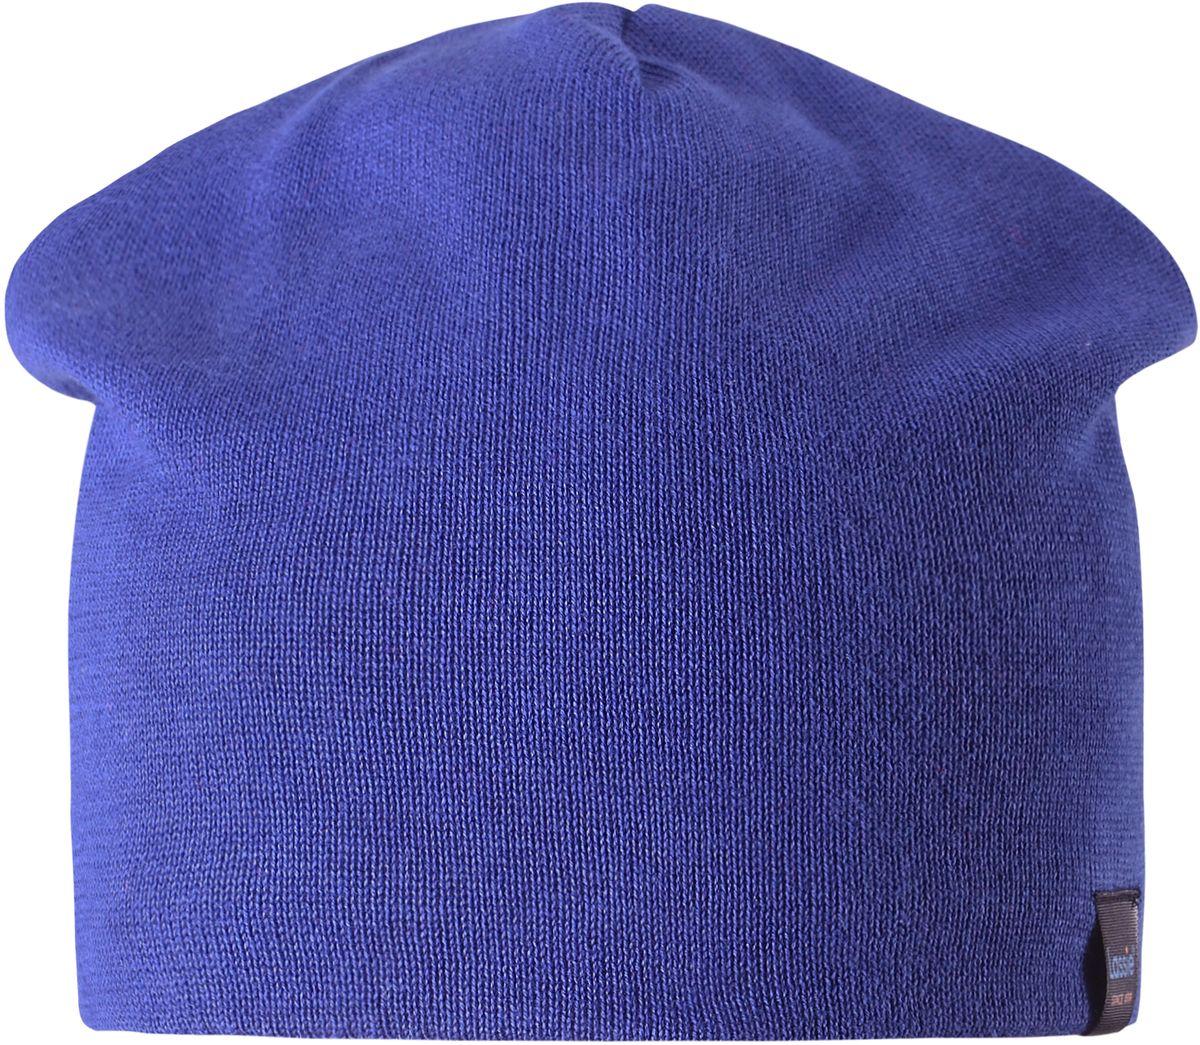 Шапка детская Lassie, цвет: синий. 7287096690. Размер 48/507287096690Удобная эластичная детская трикотажная шапка из хлопка подойдет к любой одежде и на все случаи жизни. Полная трикотажная подкладка из хлопкового трикотажа гарантирует тепло, а ветронепроницаемые вставки для ушей защищают уши от холодного ветра.